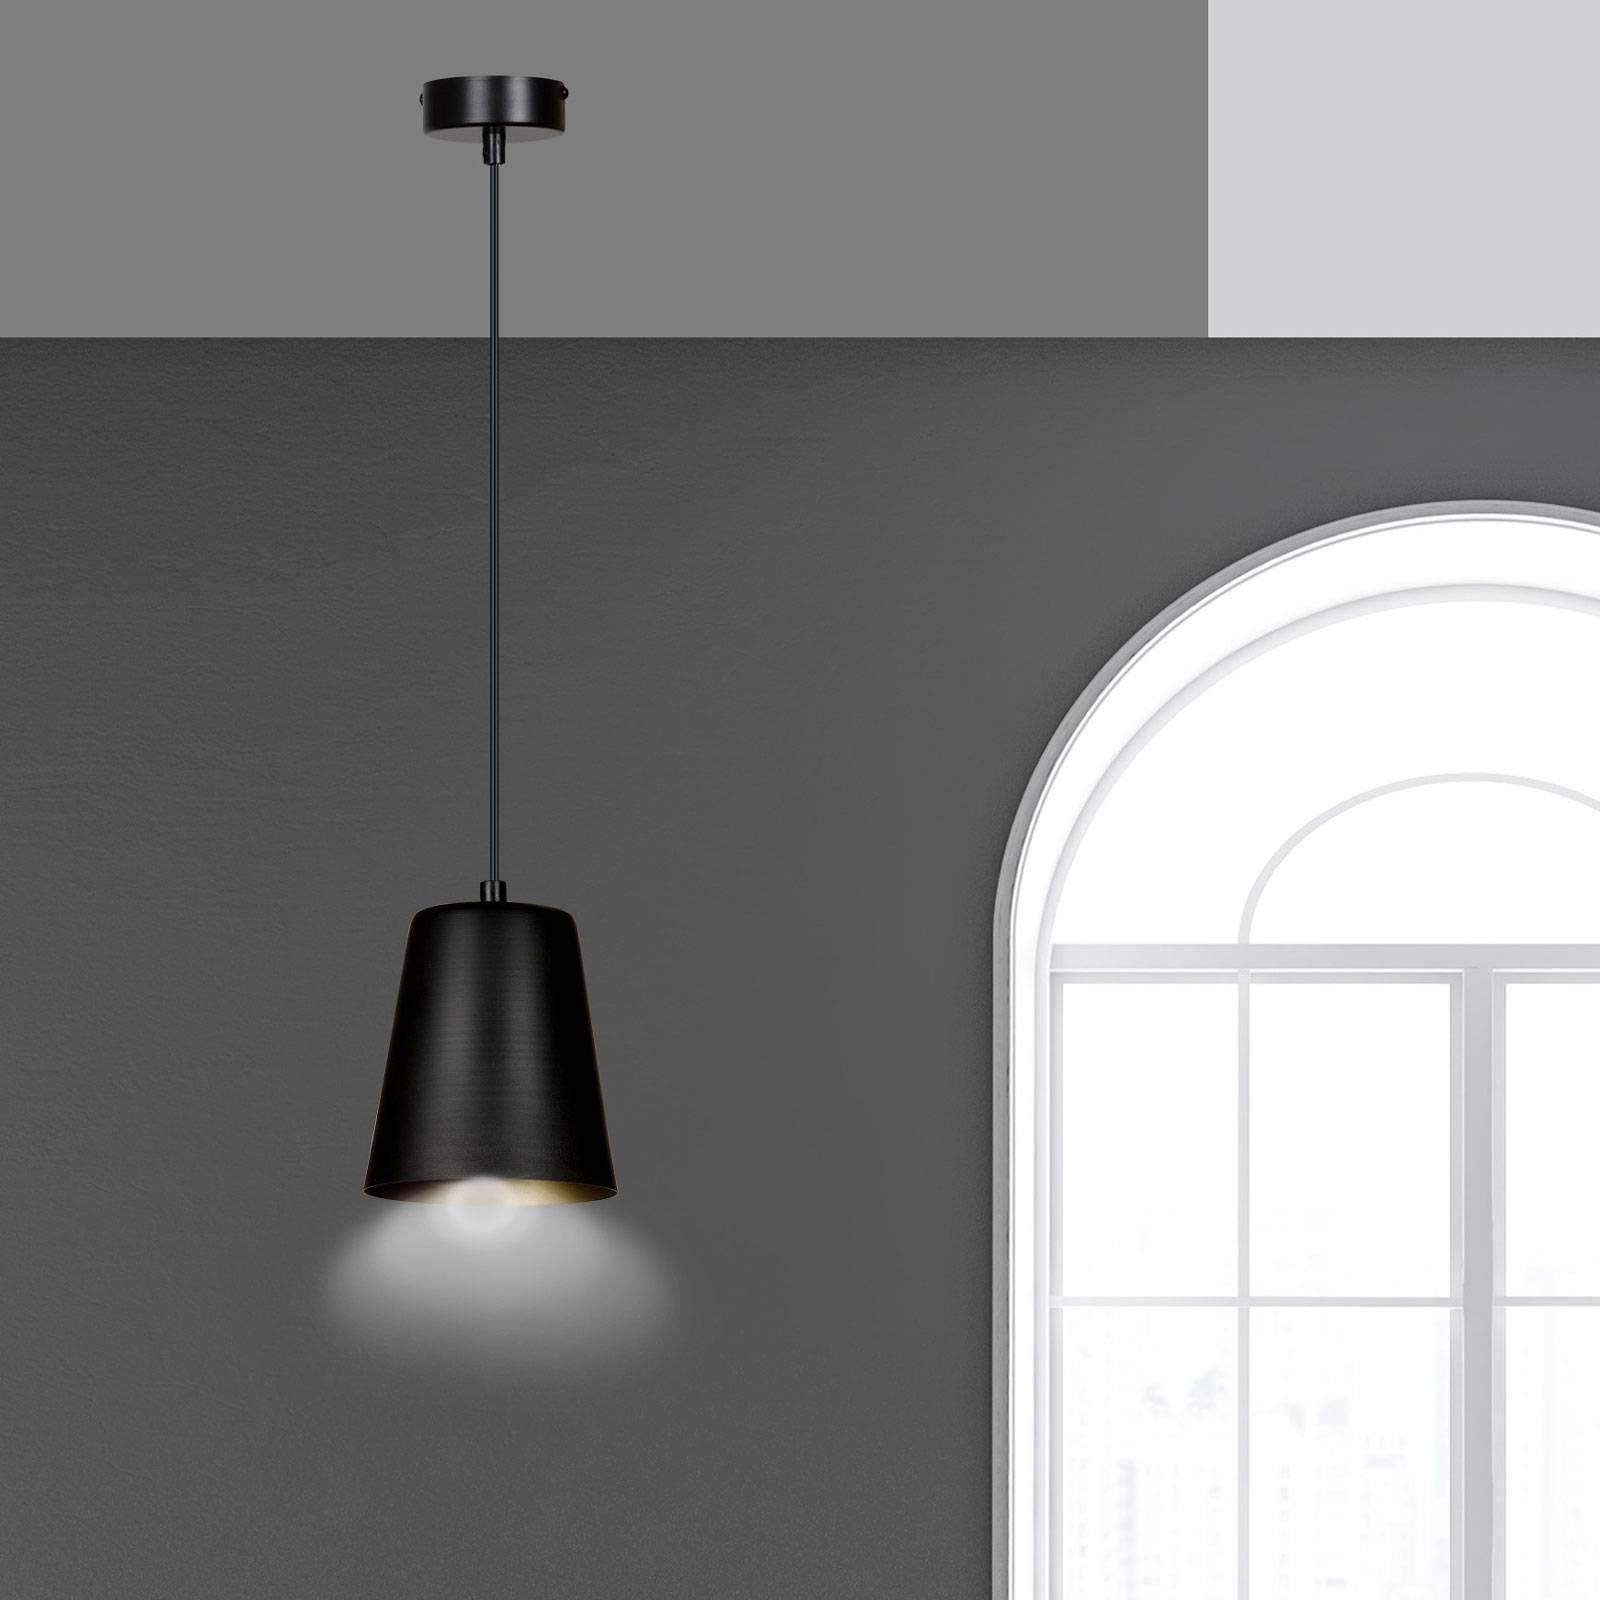 Lampa wisząca Milagro, 1-punktowa, czarna/złota